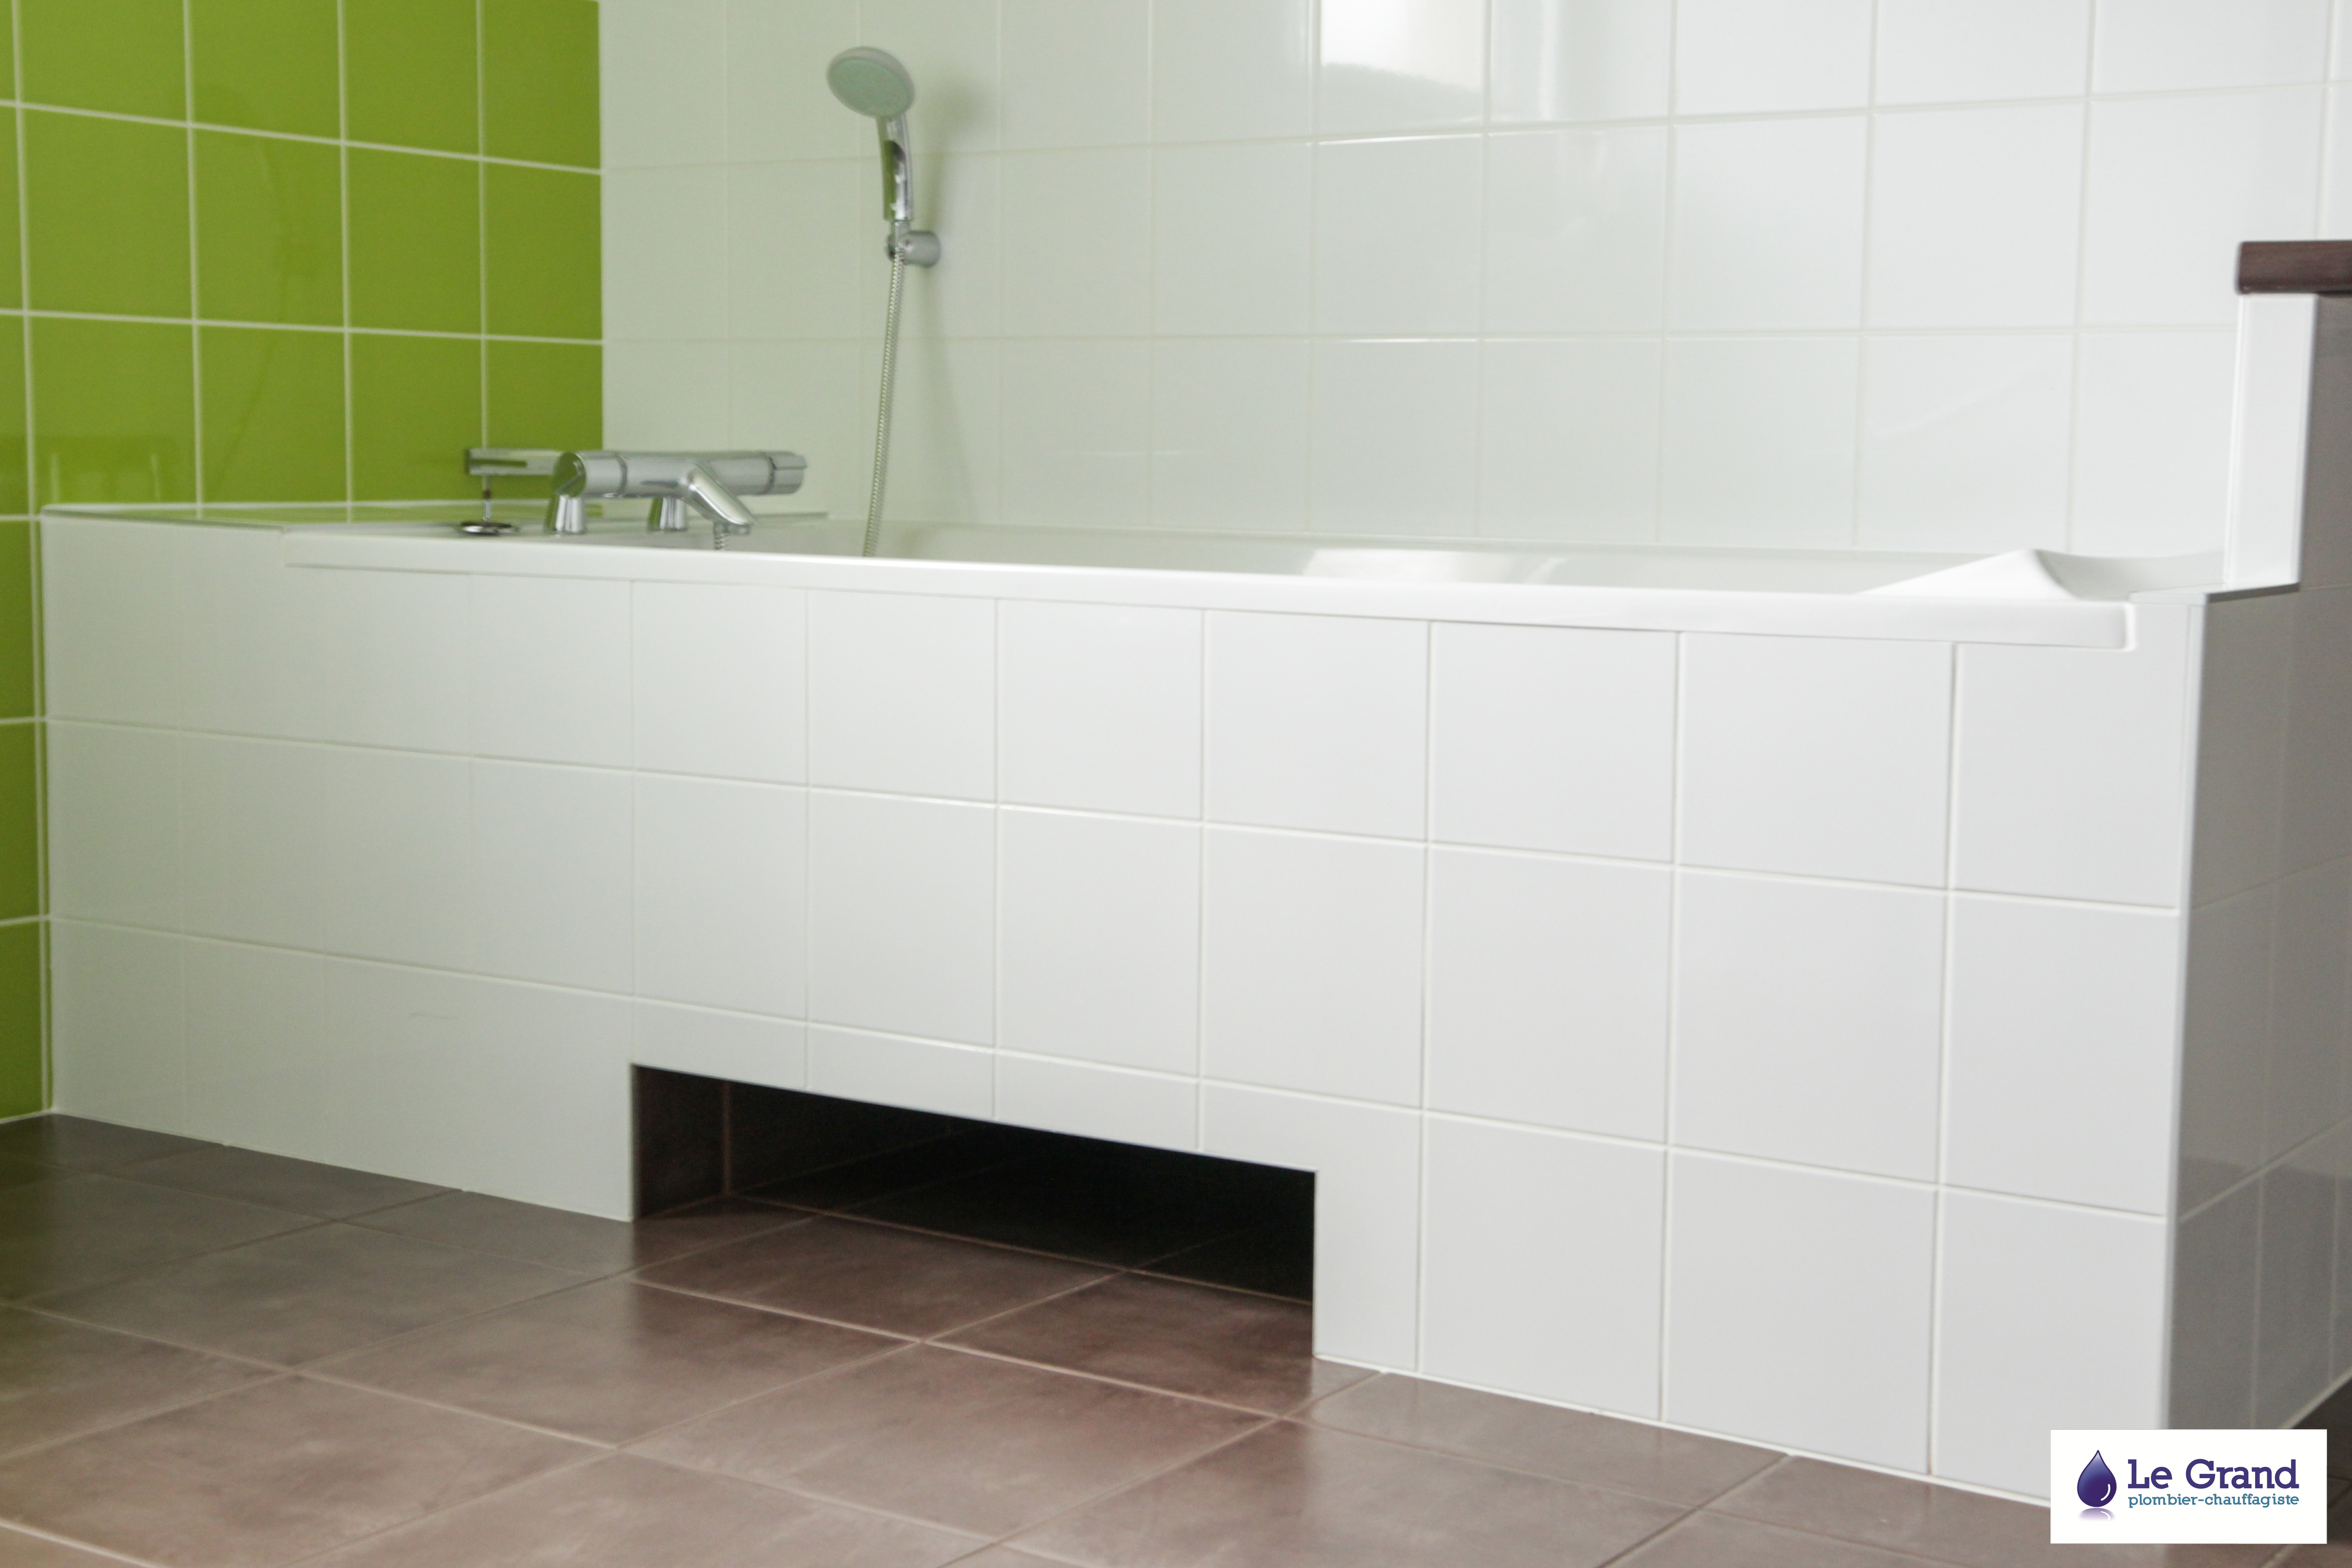 Salle de bains rennes pmr le grand plomberie chauffage for Electricite salle de bain